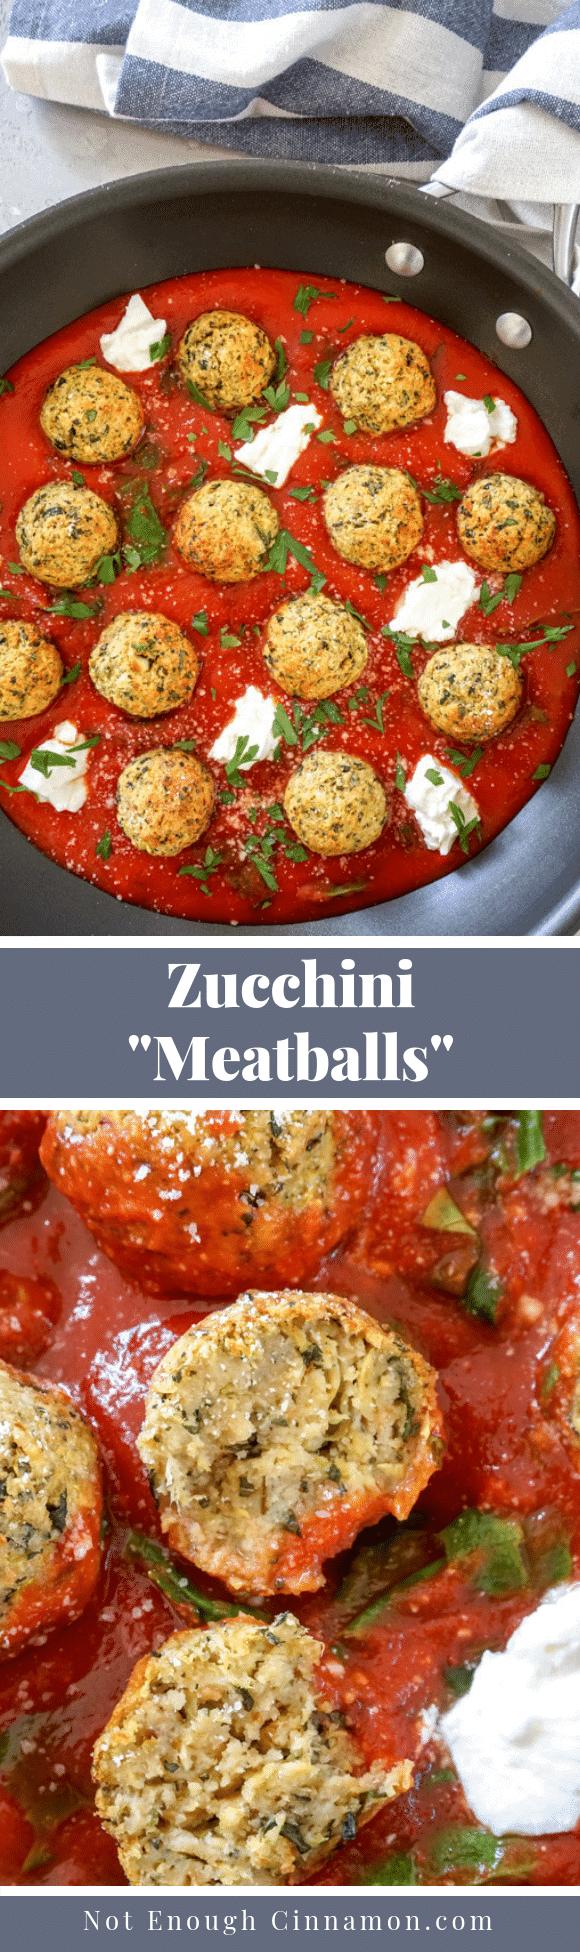 Zucchini 8220Meatballs8221